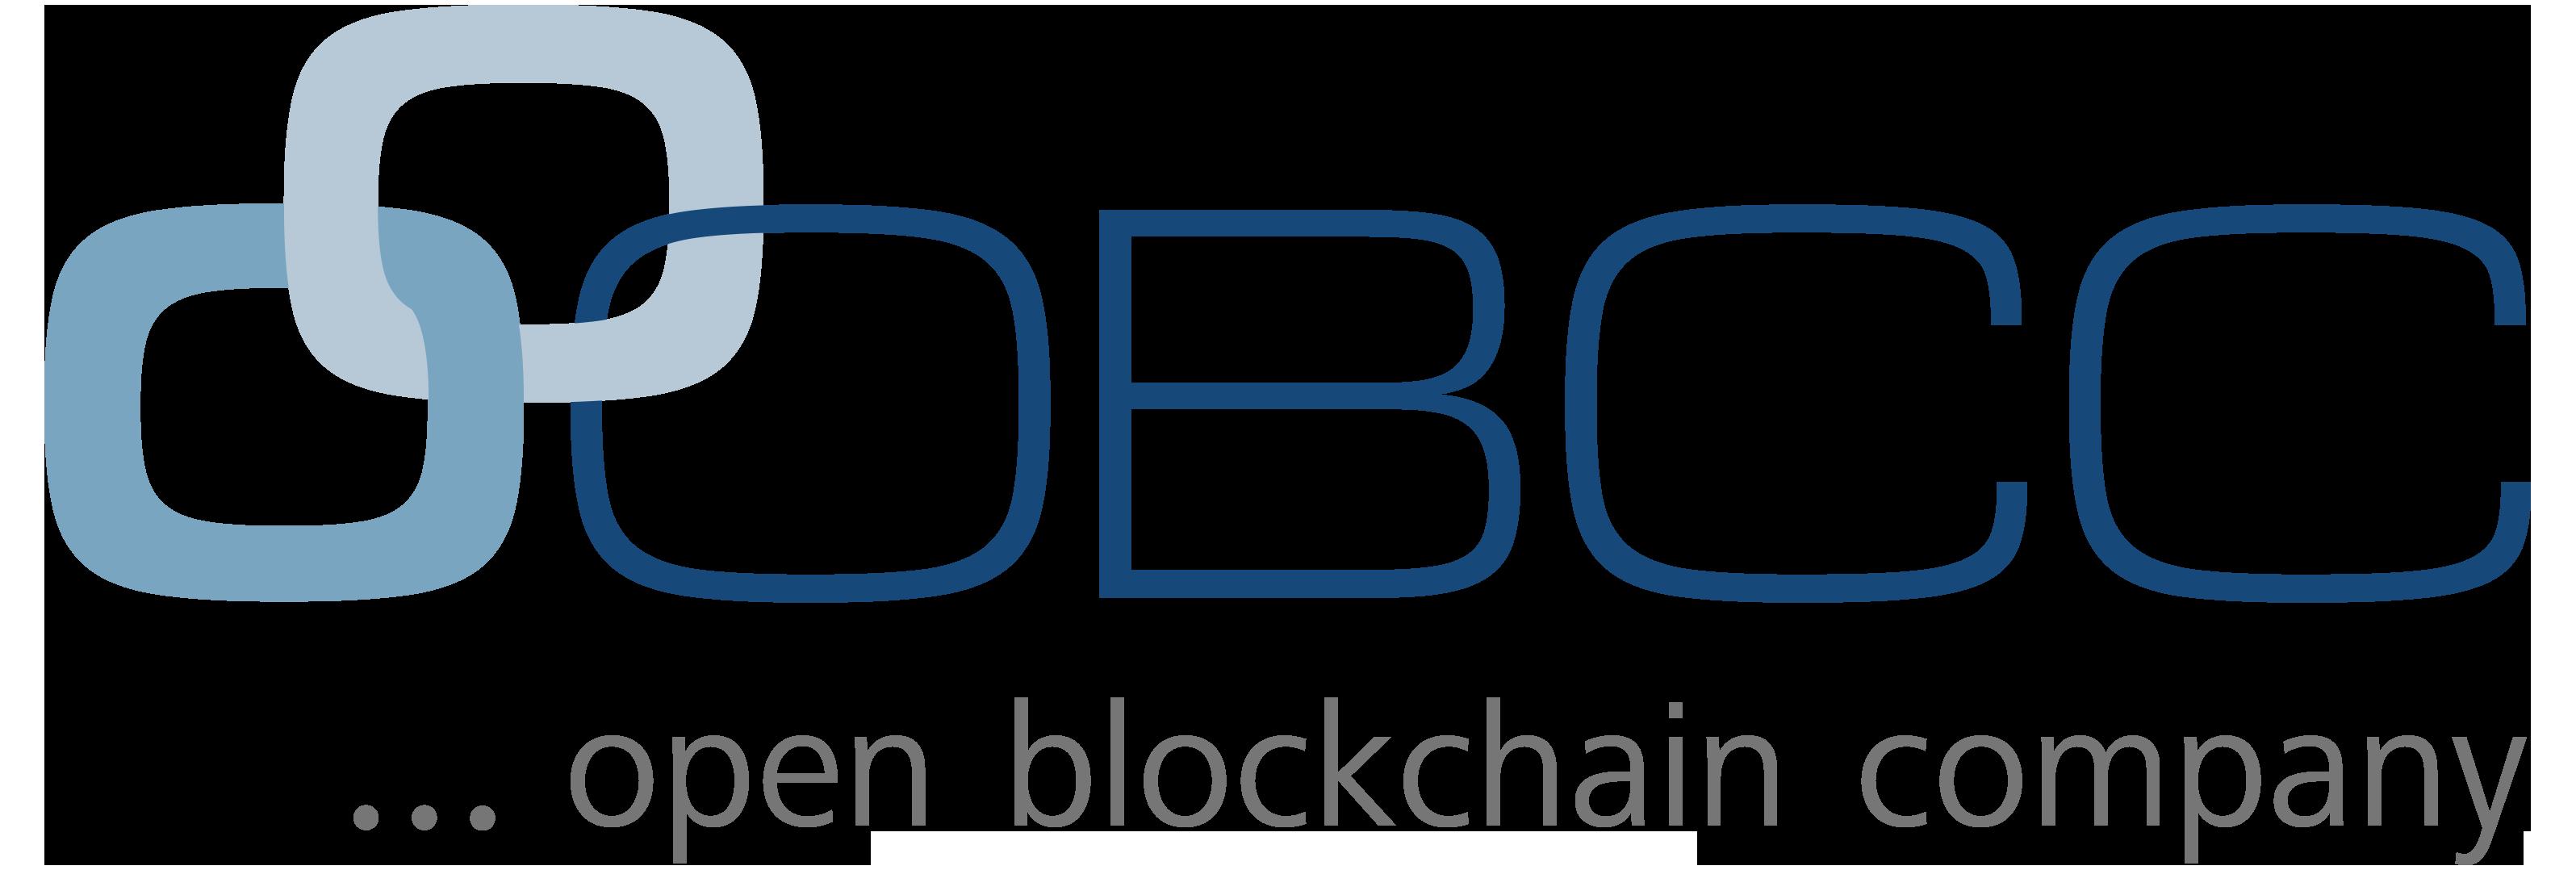 obcc_open_blockchain_company_logo